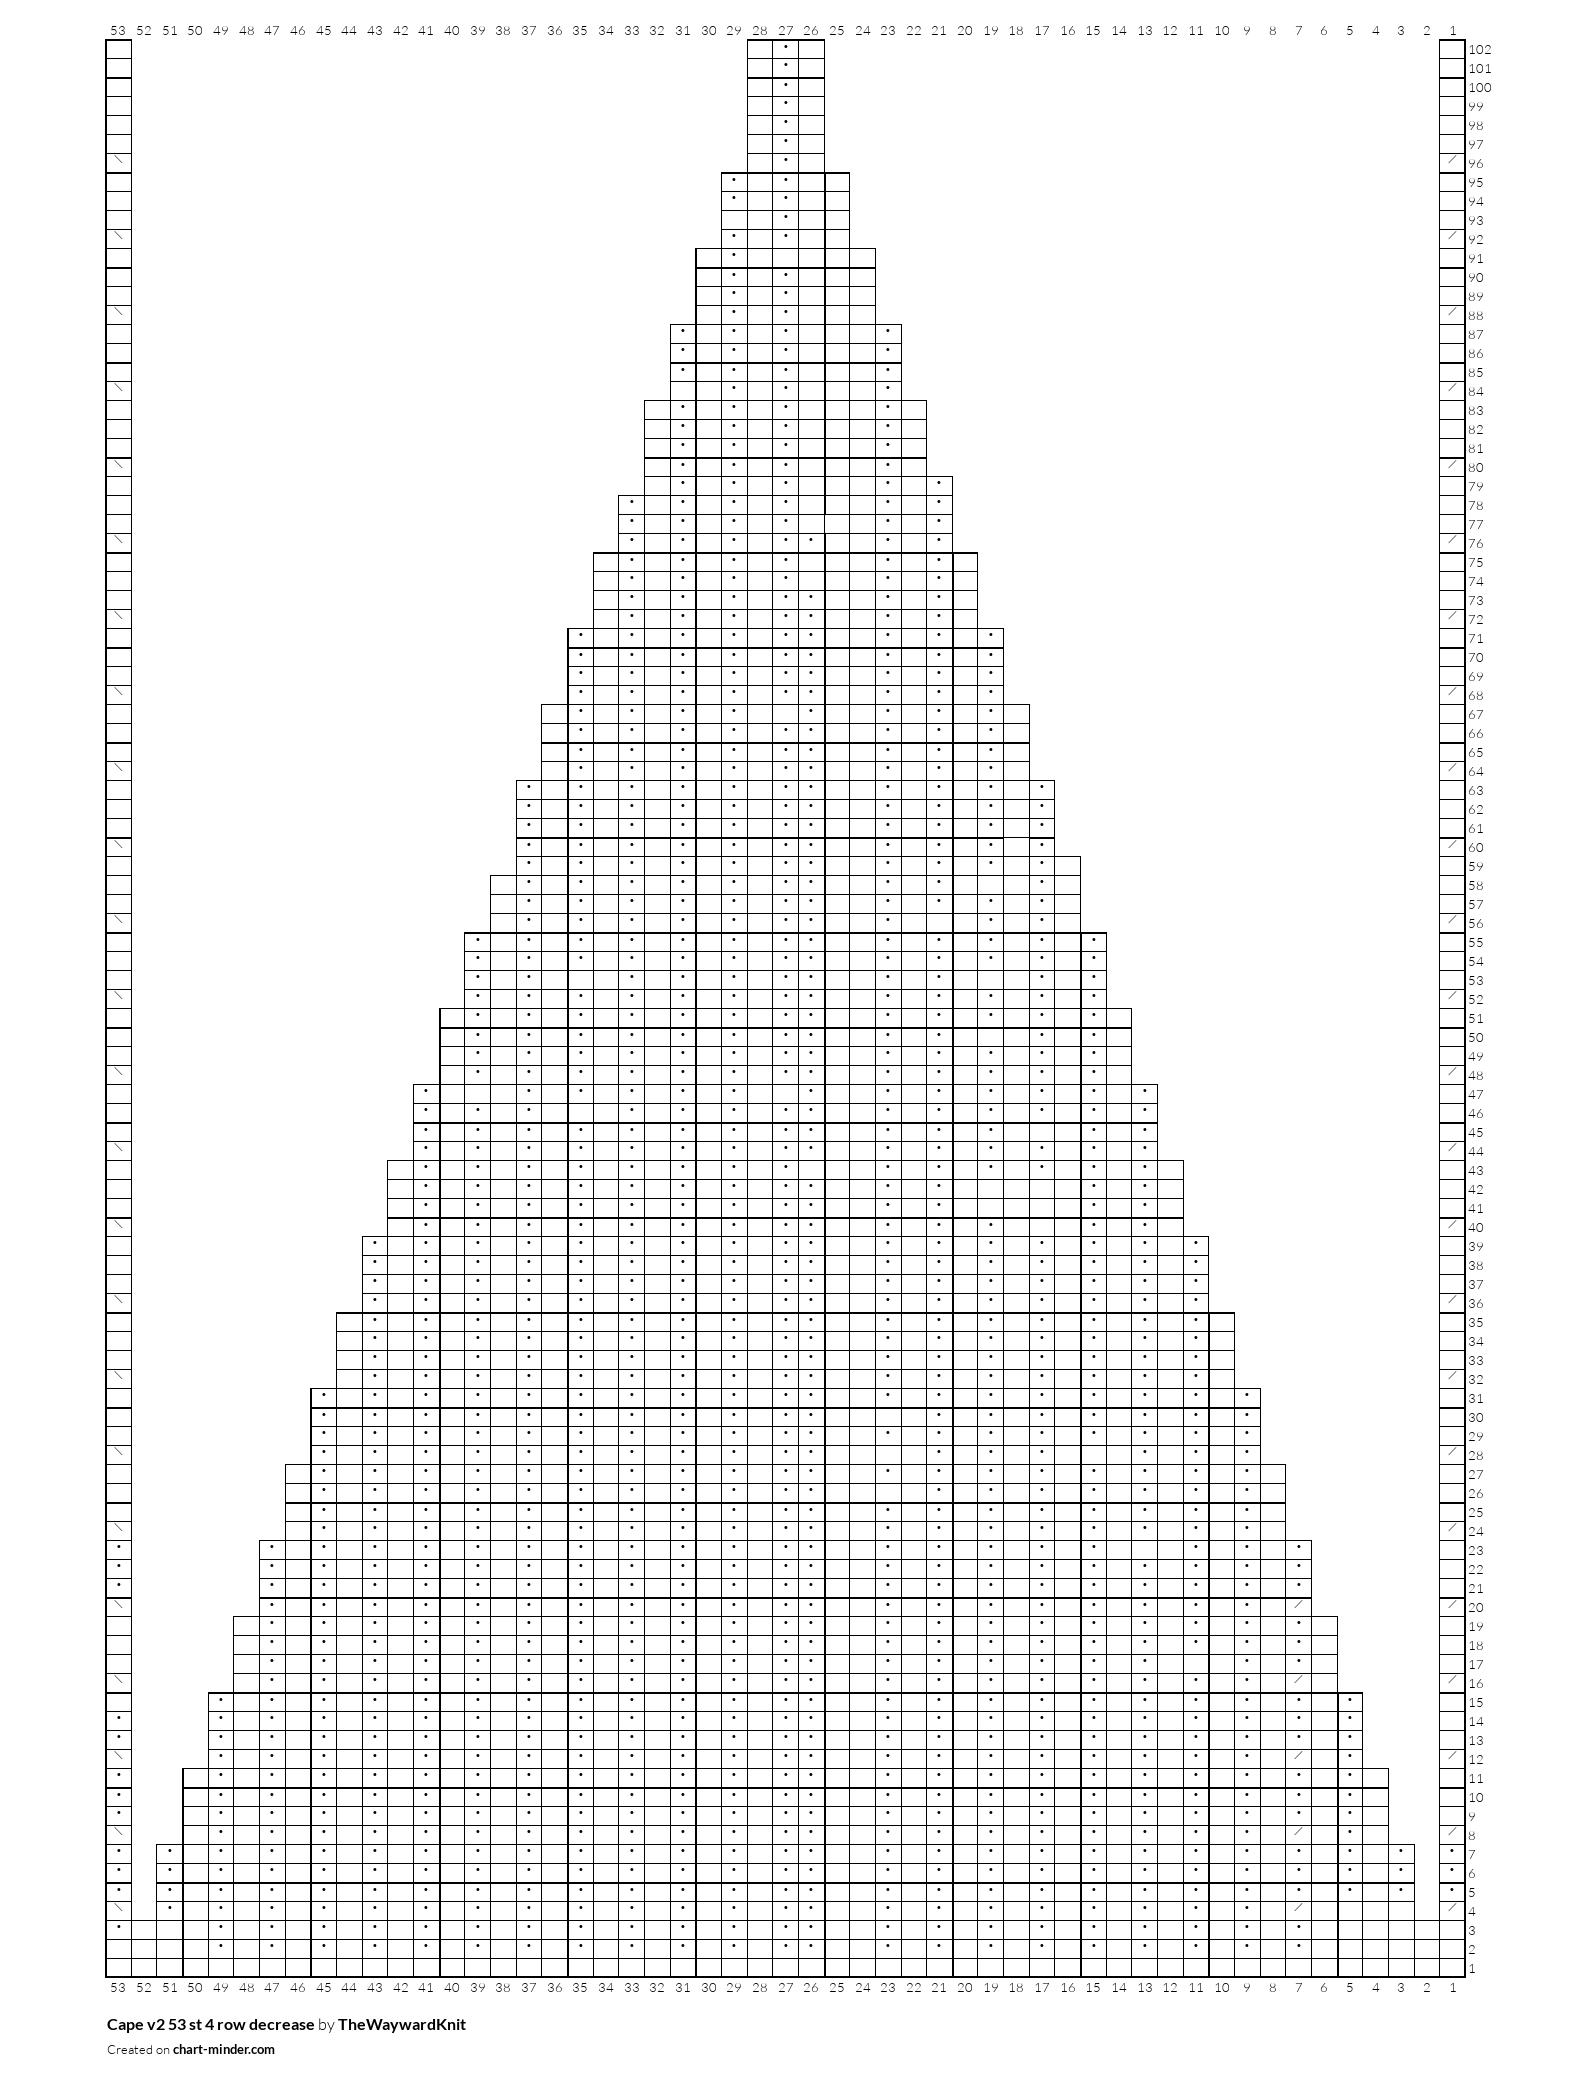 Cape v2 53 st 4 row decrease